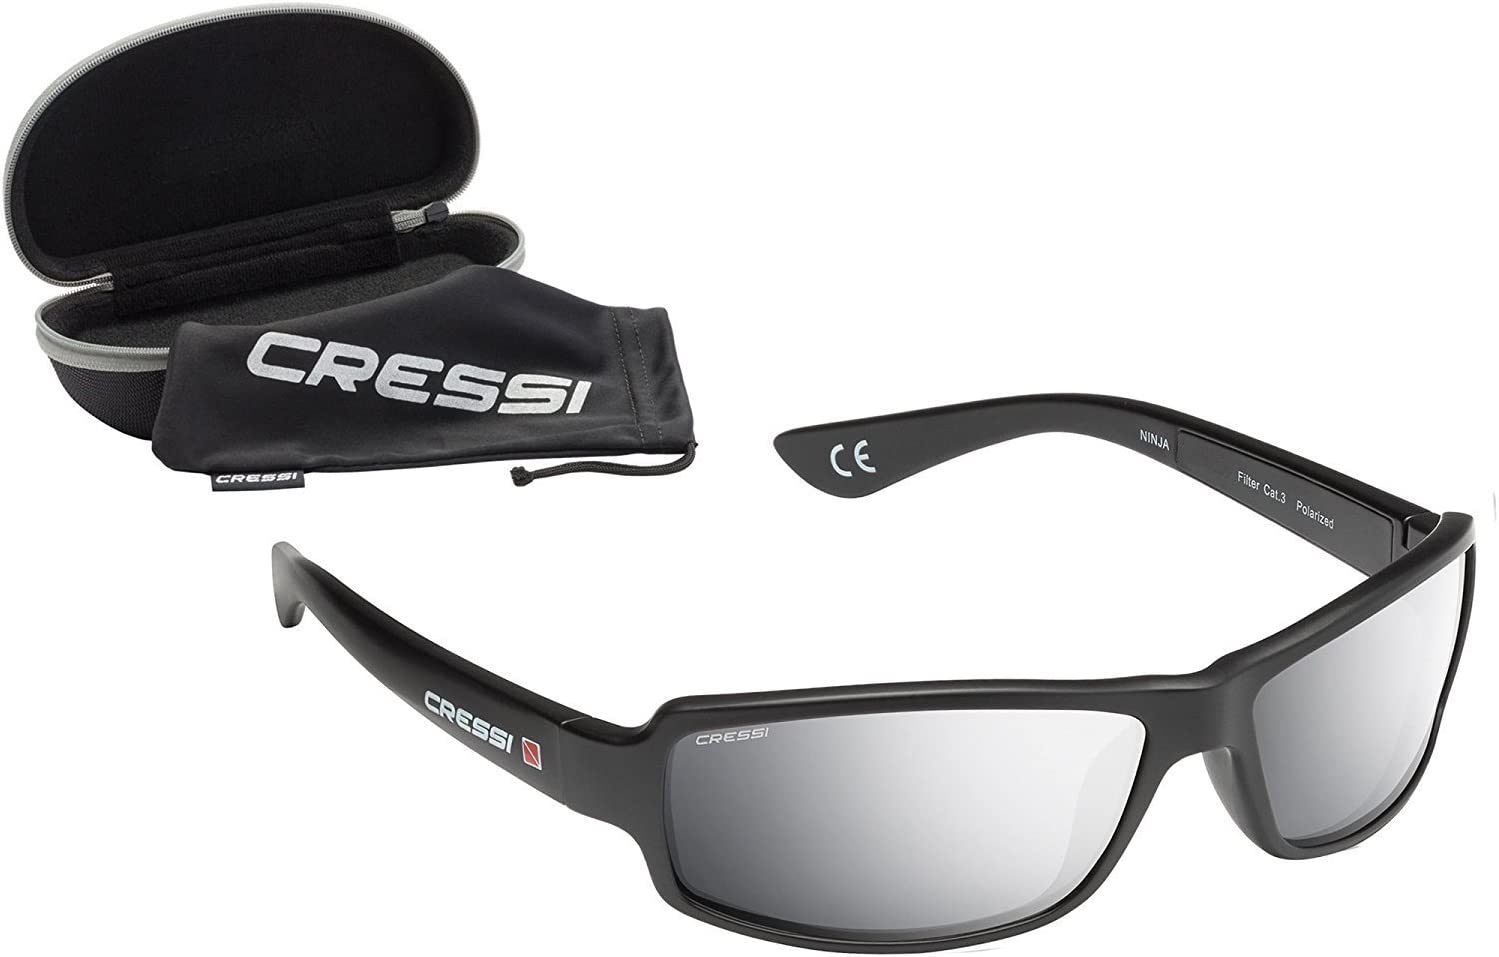 Cressi Ninja Sunglasses - Lunettes de Soleil Flex Polarisées Anti UV Noir/Lentilles Mirroir Argent